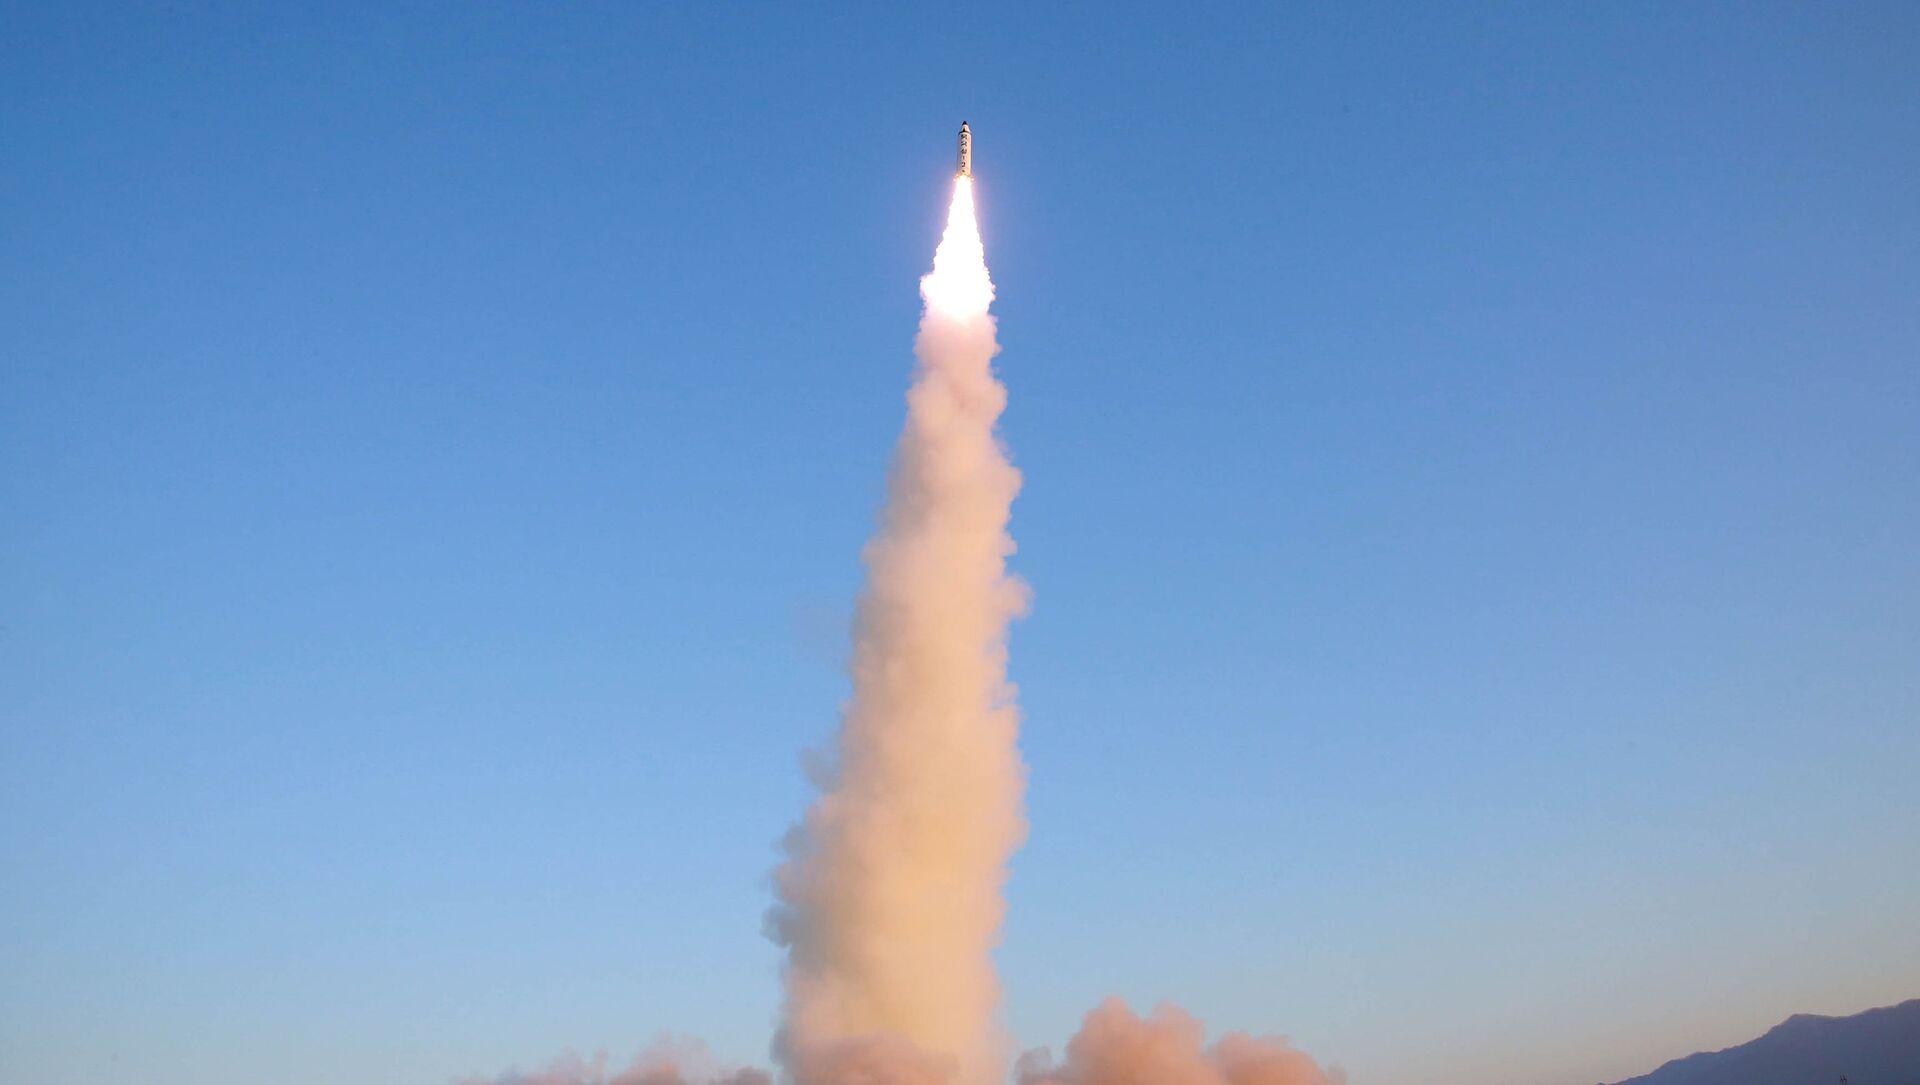 Lanzamiento de un misil (imagen referencial) - Sputnik Mundo, 1920, 04.02.2021